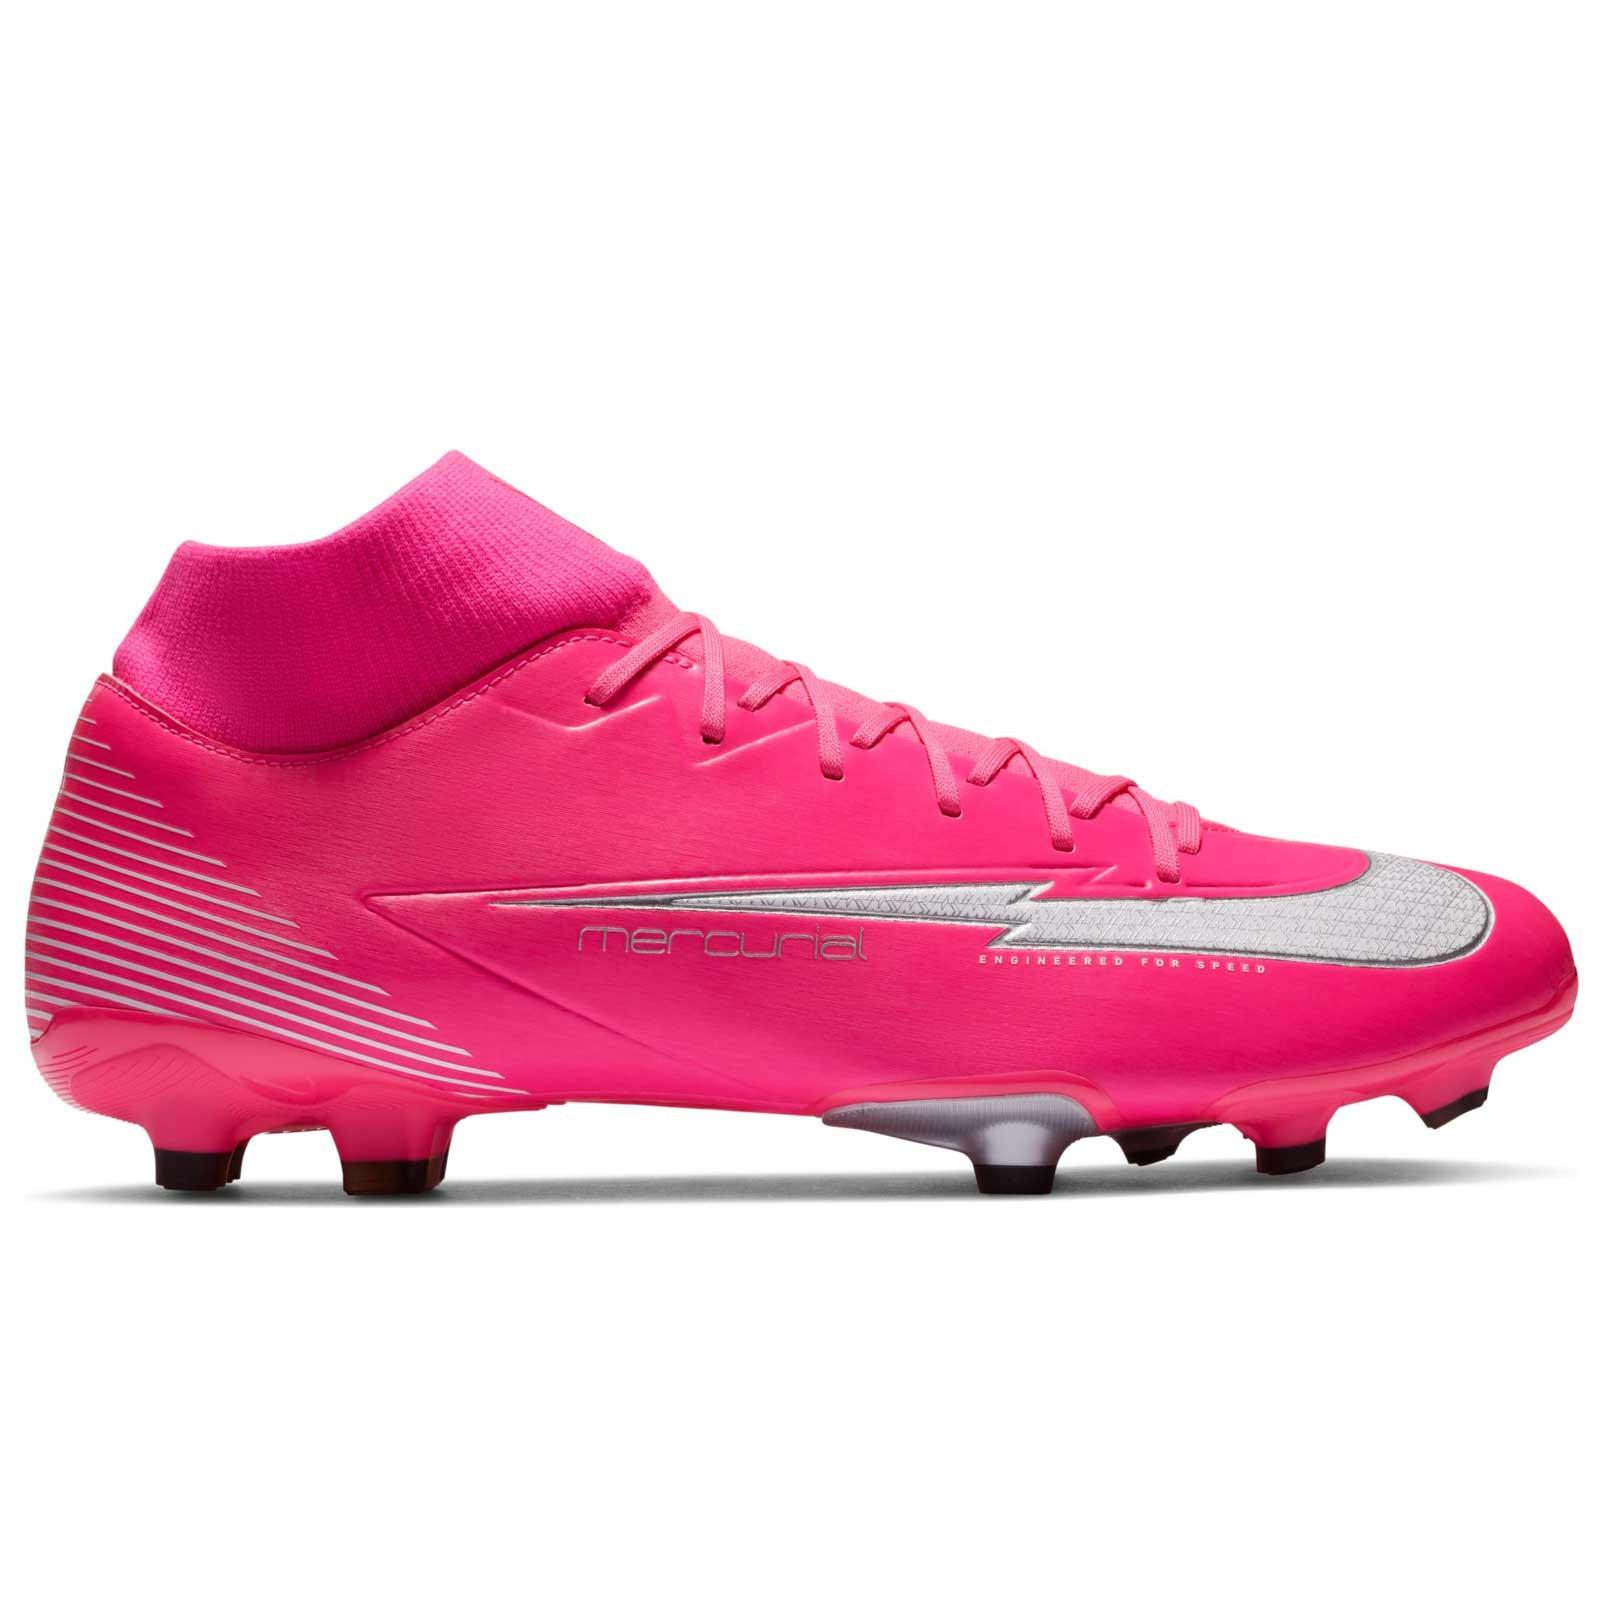 orden congestión principal  Nike Mercurial Superfly 7 Academy KM FG/MG rosas | futbolmania